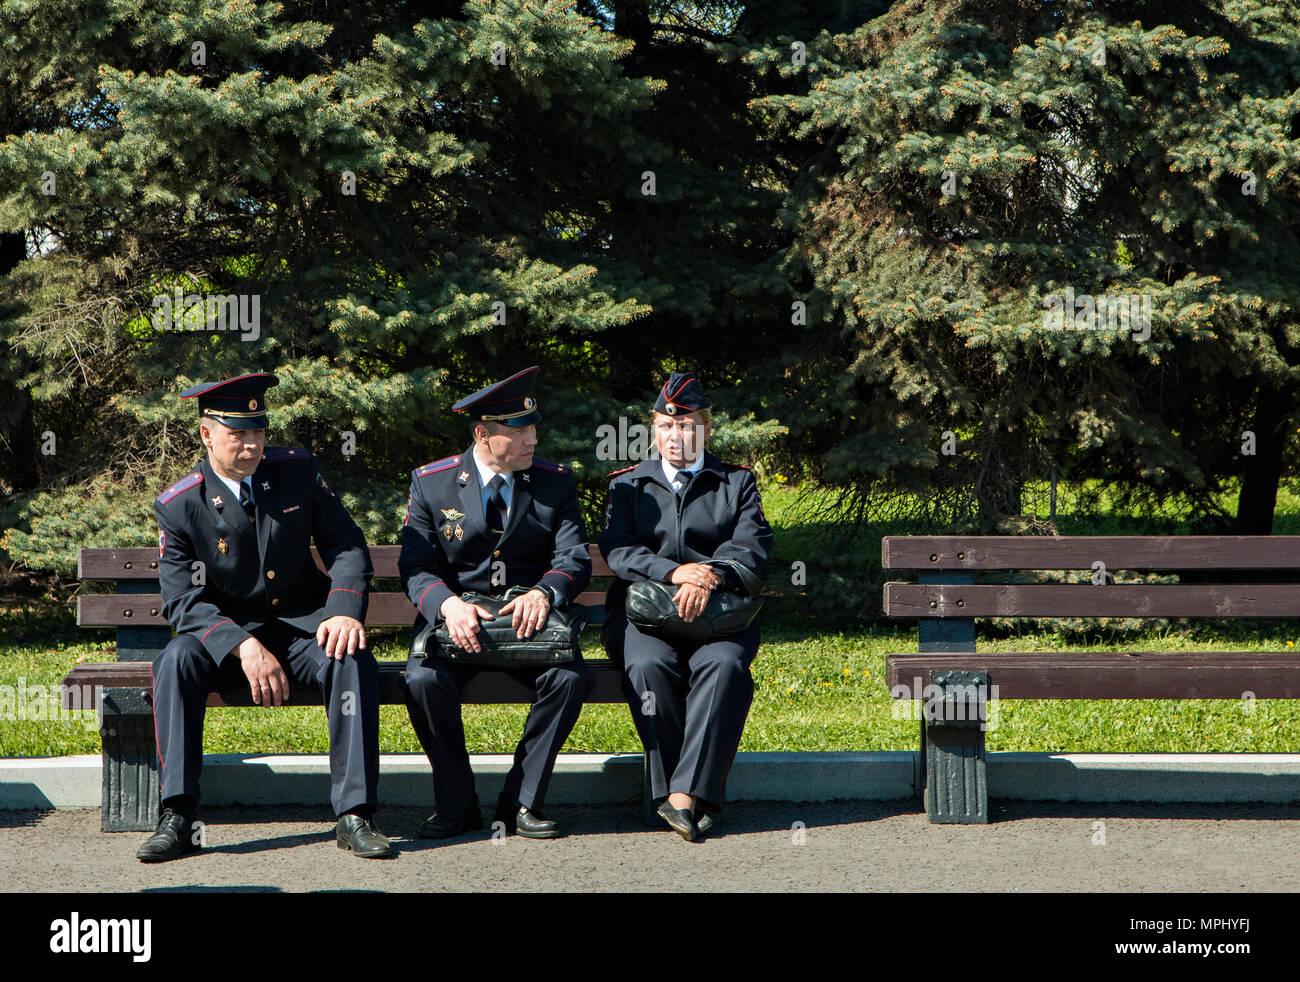 Moskau Russland, 9. Mai 2018: Polizisten sitzen auf einer Bank im sonnigen Tag Stockbild